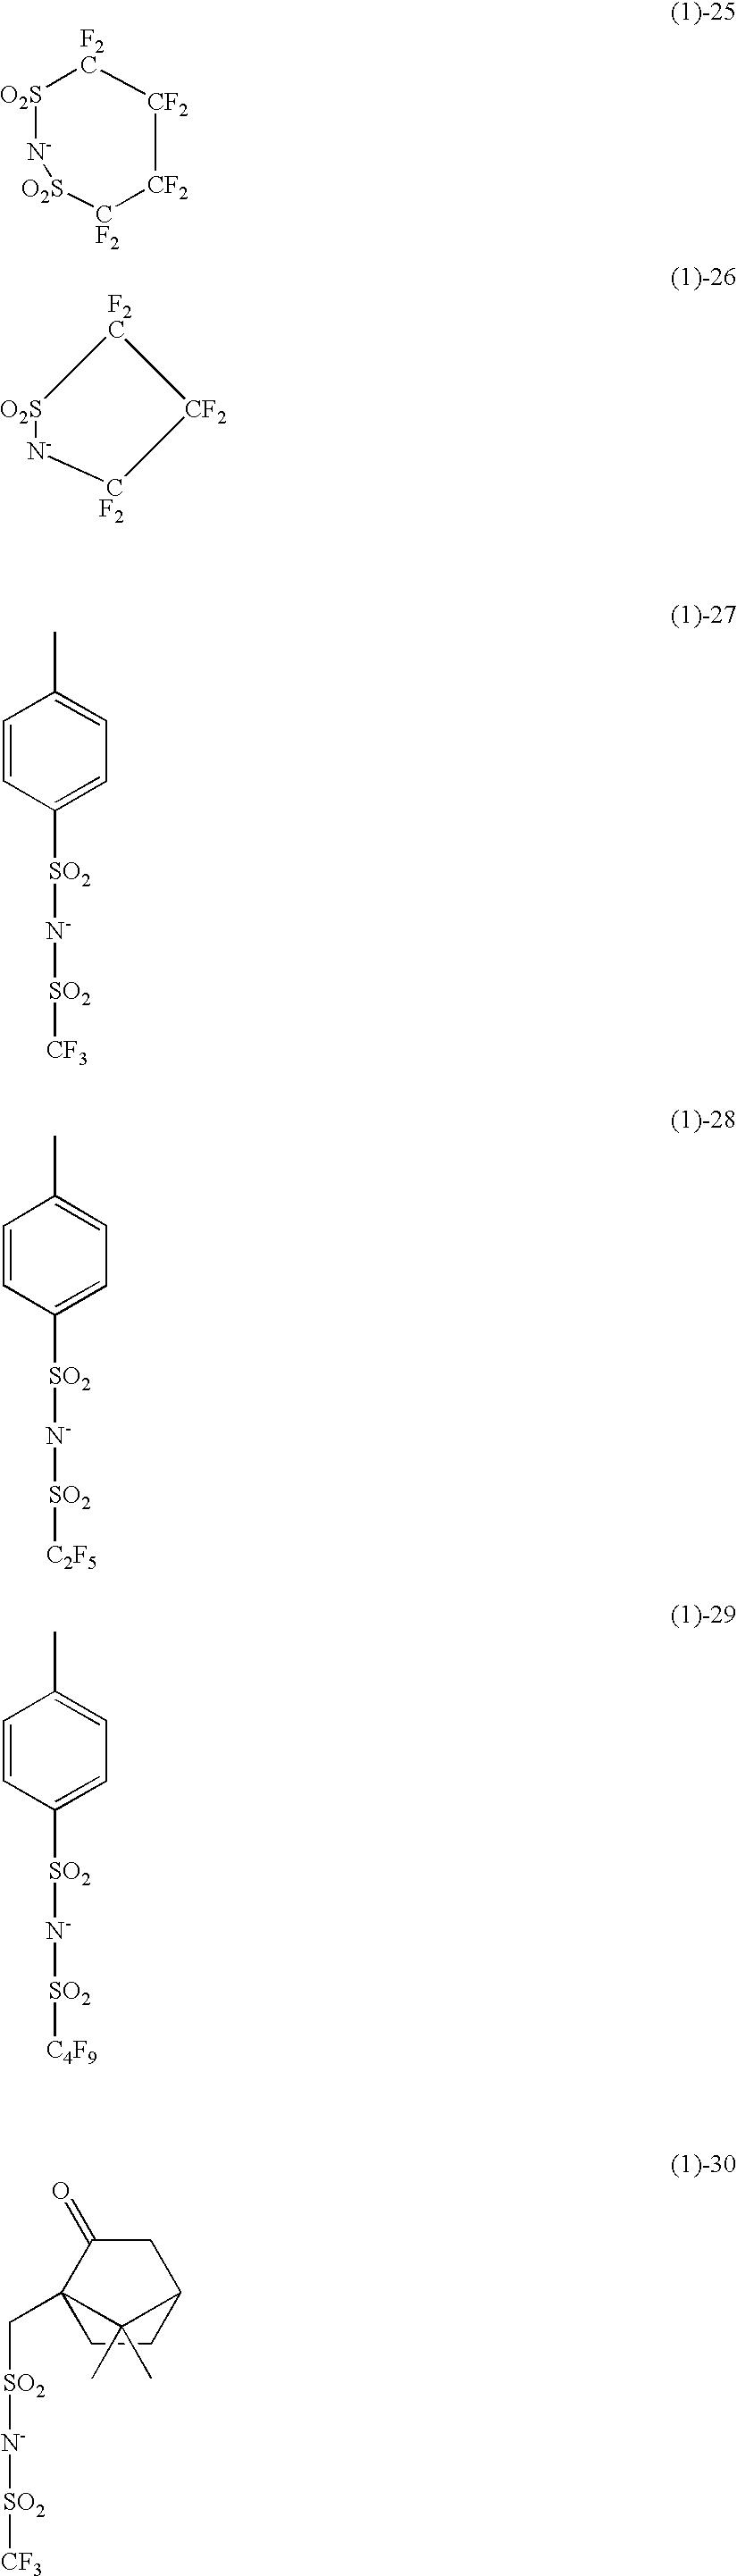 Figure US20030207201A1-20031106-C00007